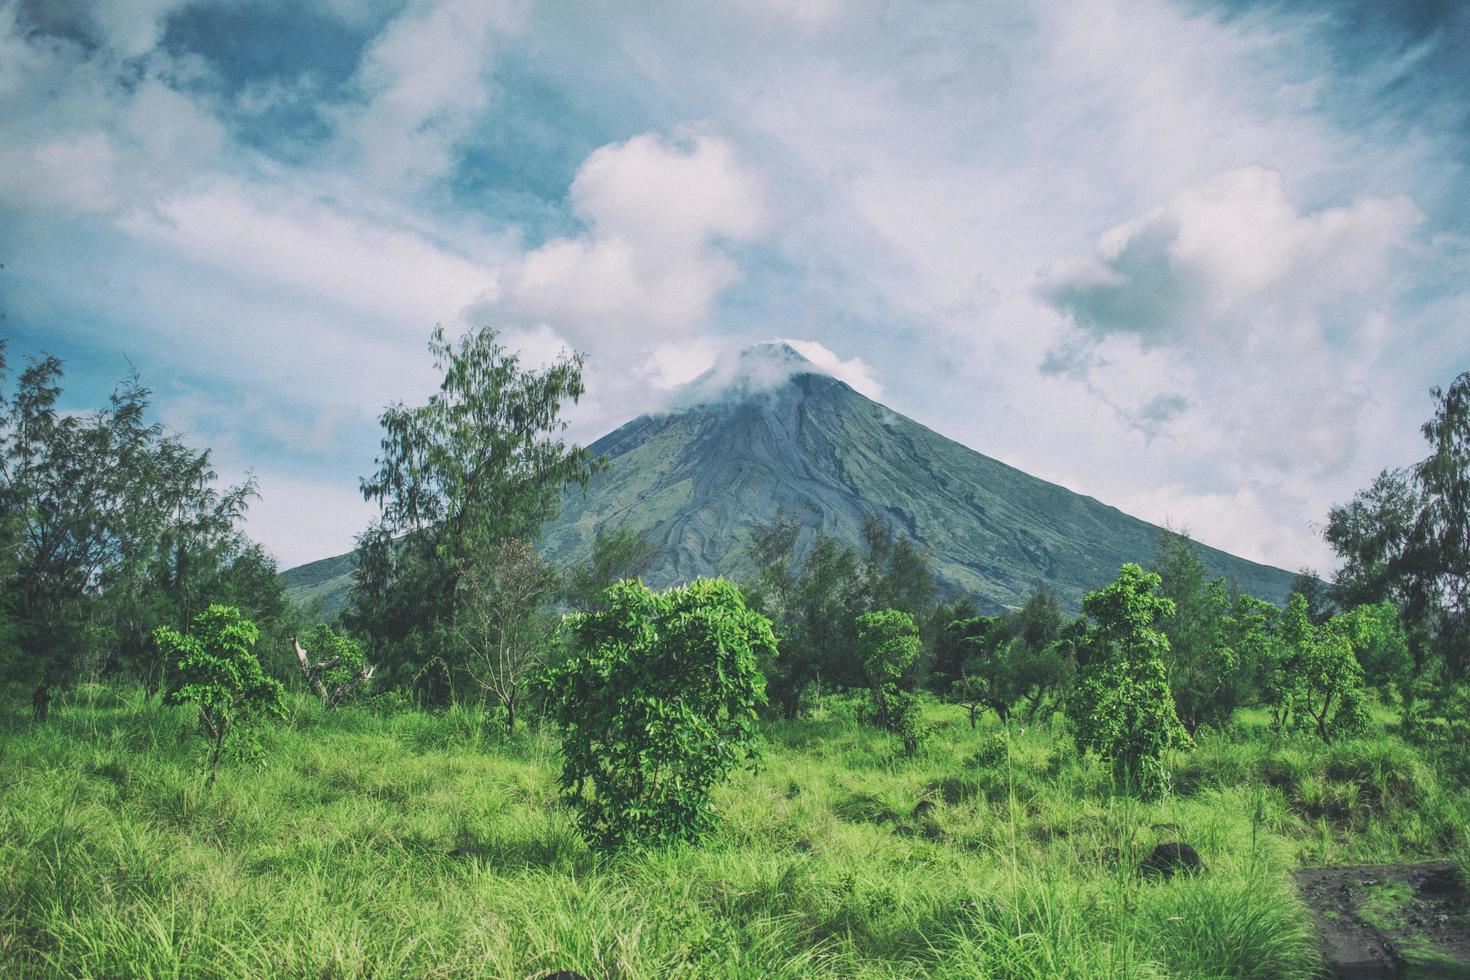 montagne sous un ciel nuageux photo